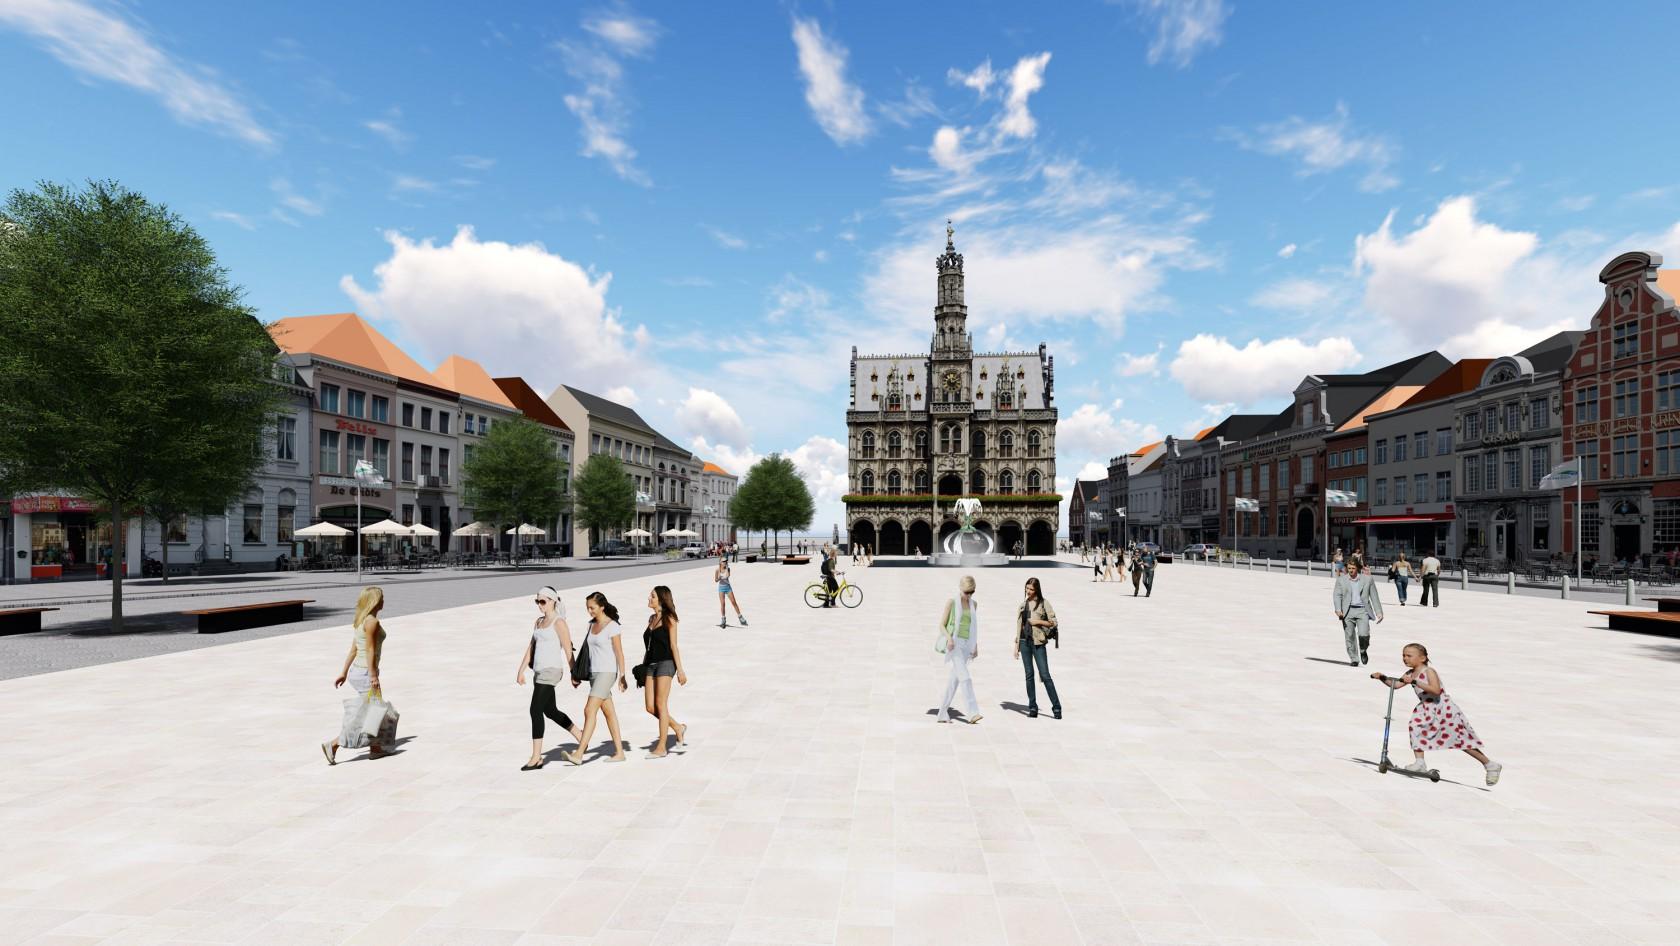 Abscis Architecten - Plein in natuursteen uit Comblanchien (FR) - visualisatie Fabrice Moonen